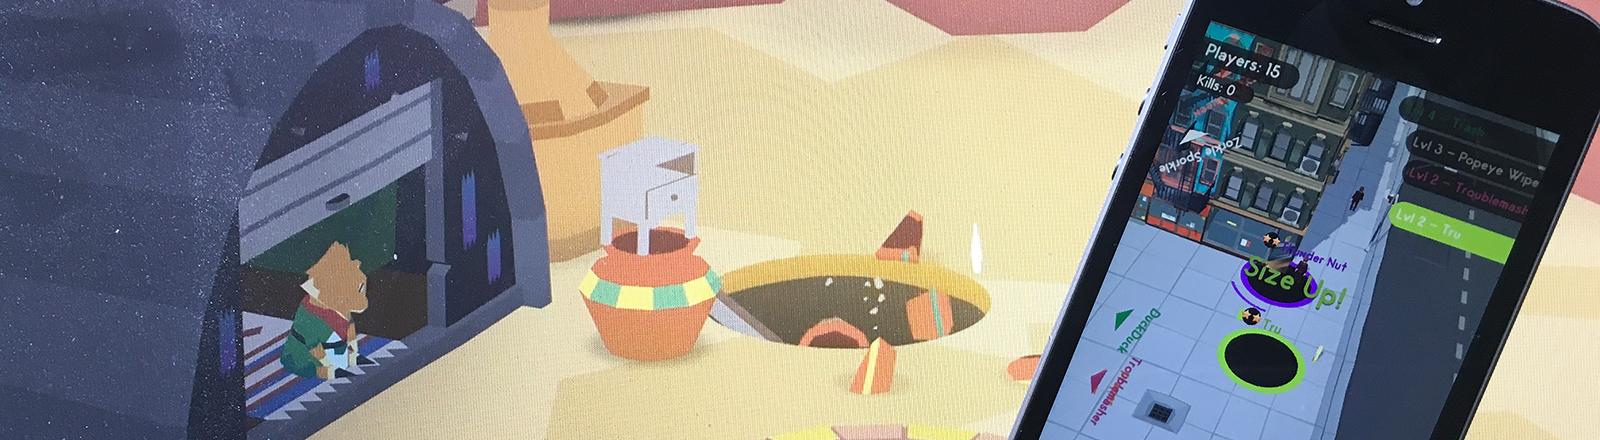 """Groß ist das Spiel """"Donut County"""" von Ben Esposito zu sehen, auf dem Handy das billig gemachte Spiel """"Hole IO""""das Espositos Idee schon vor der Veröffentlichung seines Spiels übernommen hat."""